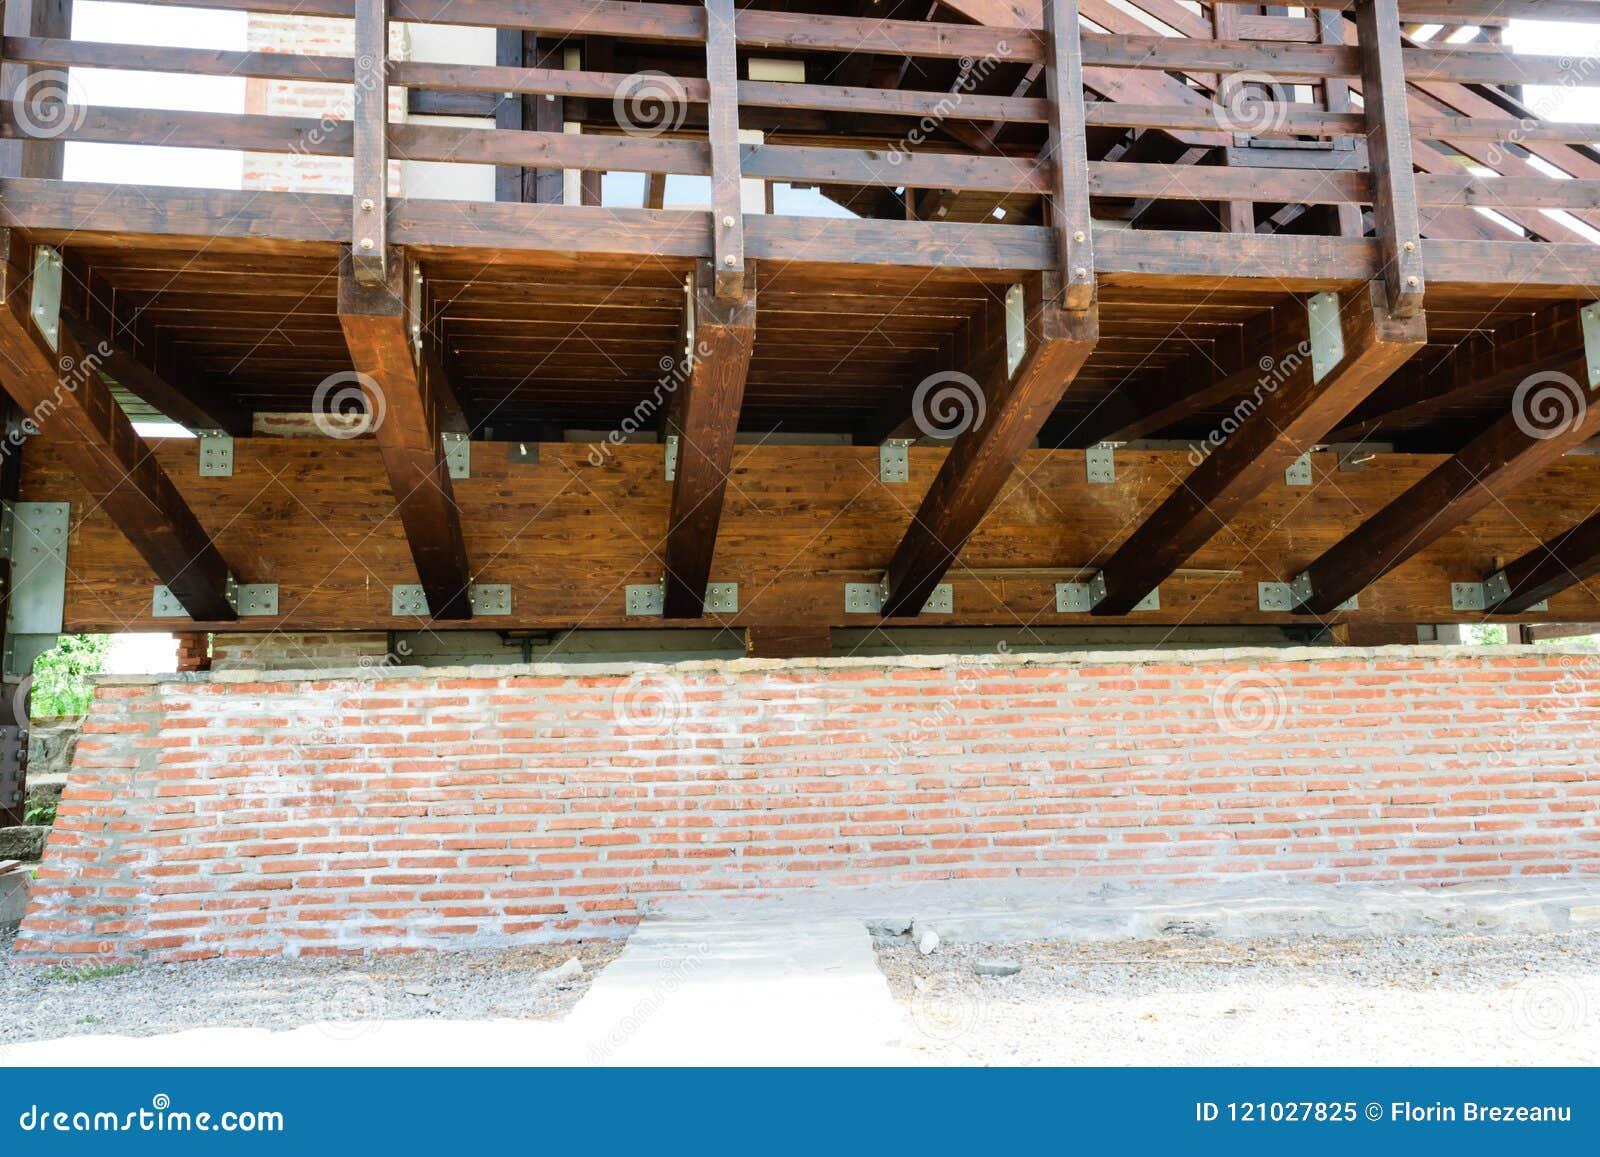 Detalle suspendido de la estructura de la cubierta de madera sólida Guardia de madera aumentado de la cubierta y de la mano con l